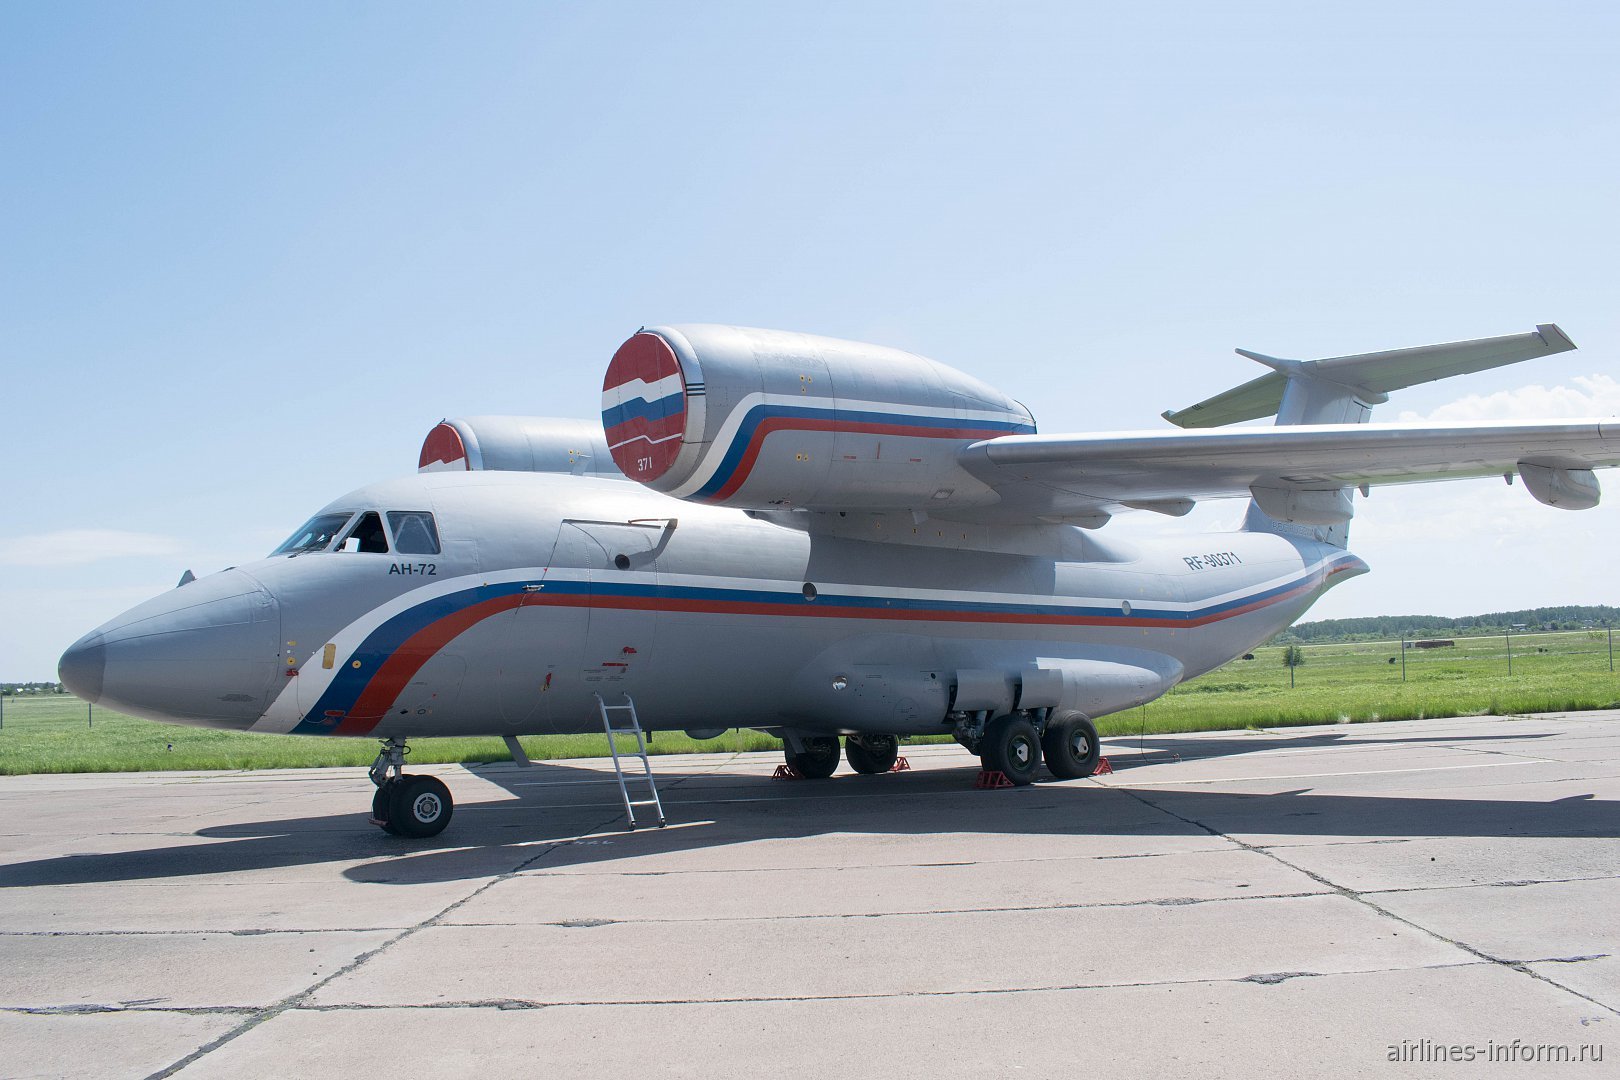 Самолет Ан-72 военно-транспортной авиации России